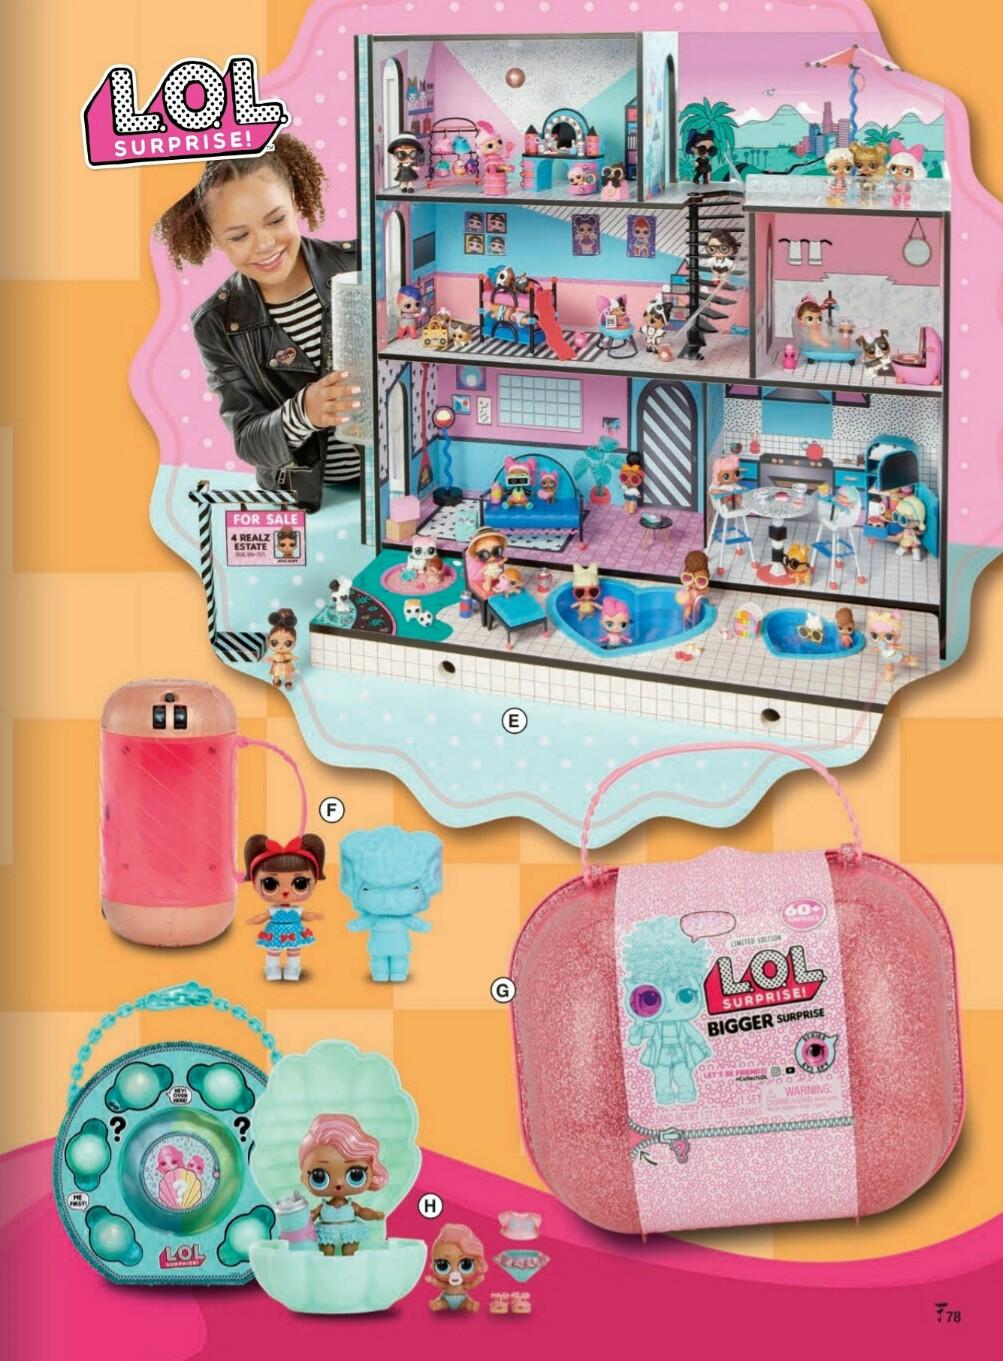 Catalogo juguetes Felix B Maduro 2018 p78